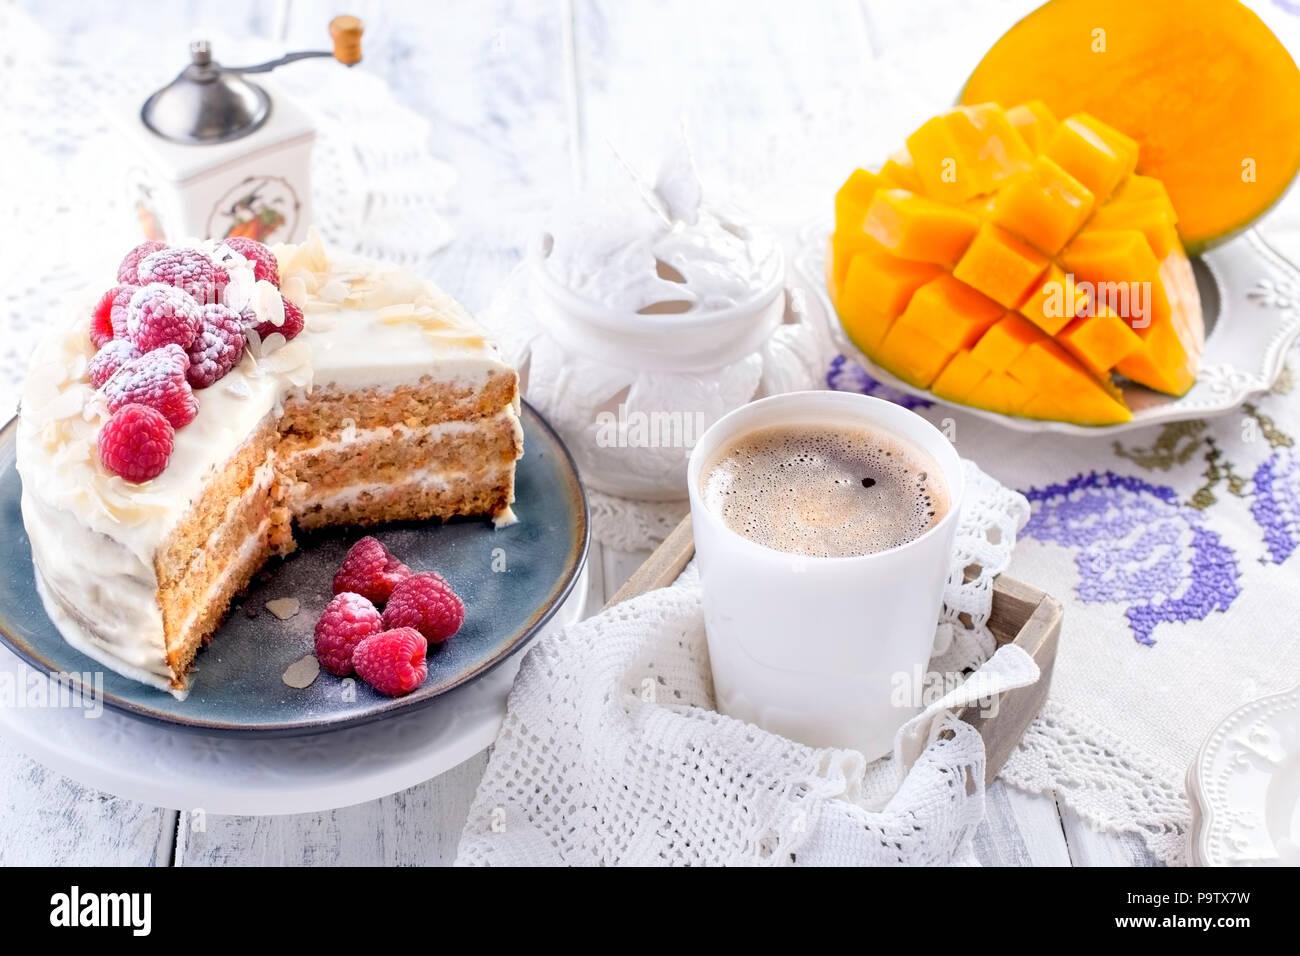 Schneiden Sie den Kuchen mit weiße Creme, zum Frühstück. Eine Mangofrucht. Weißer Hintergrund, Tischdecke mit Spitze, eine Tasse duftenden schwarzen Kaffee und kostenlosen Platz für Text oder Werbung. Stockfoto